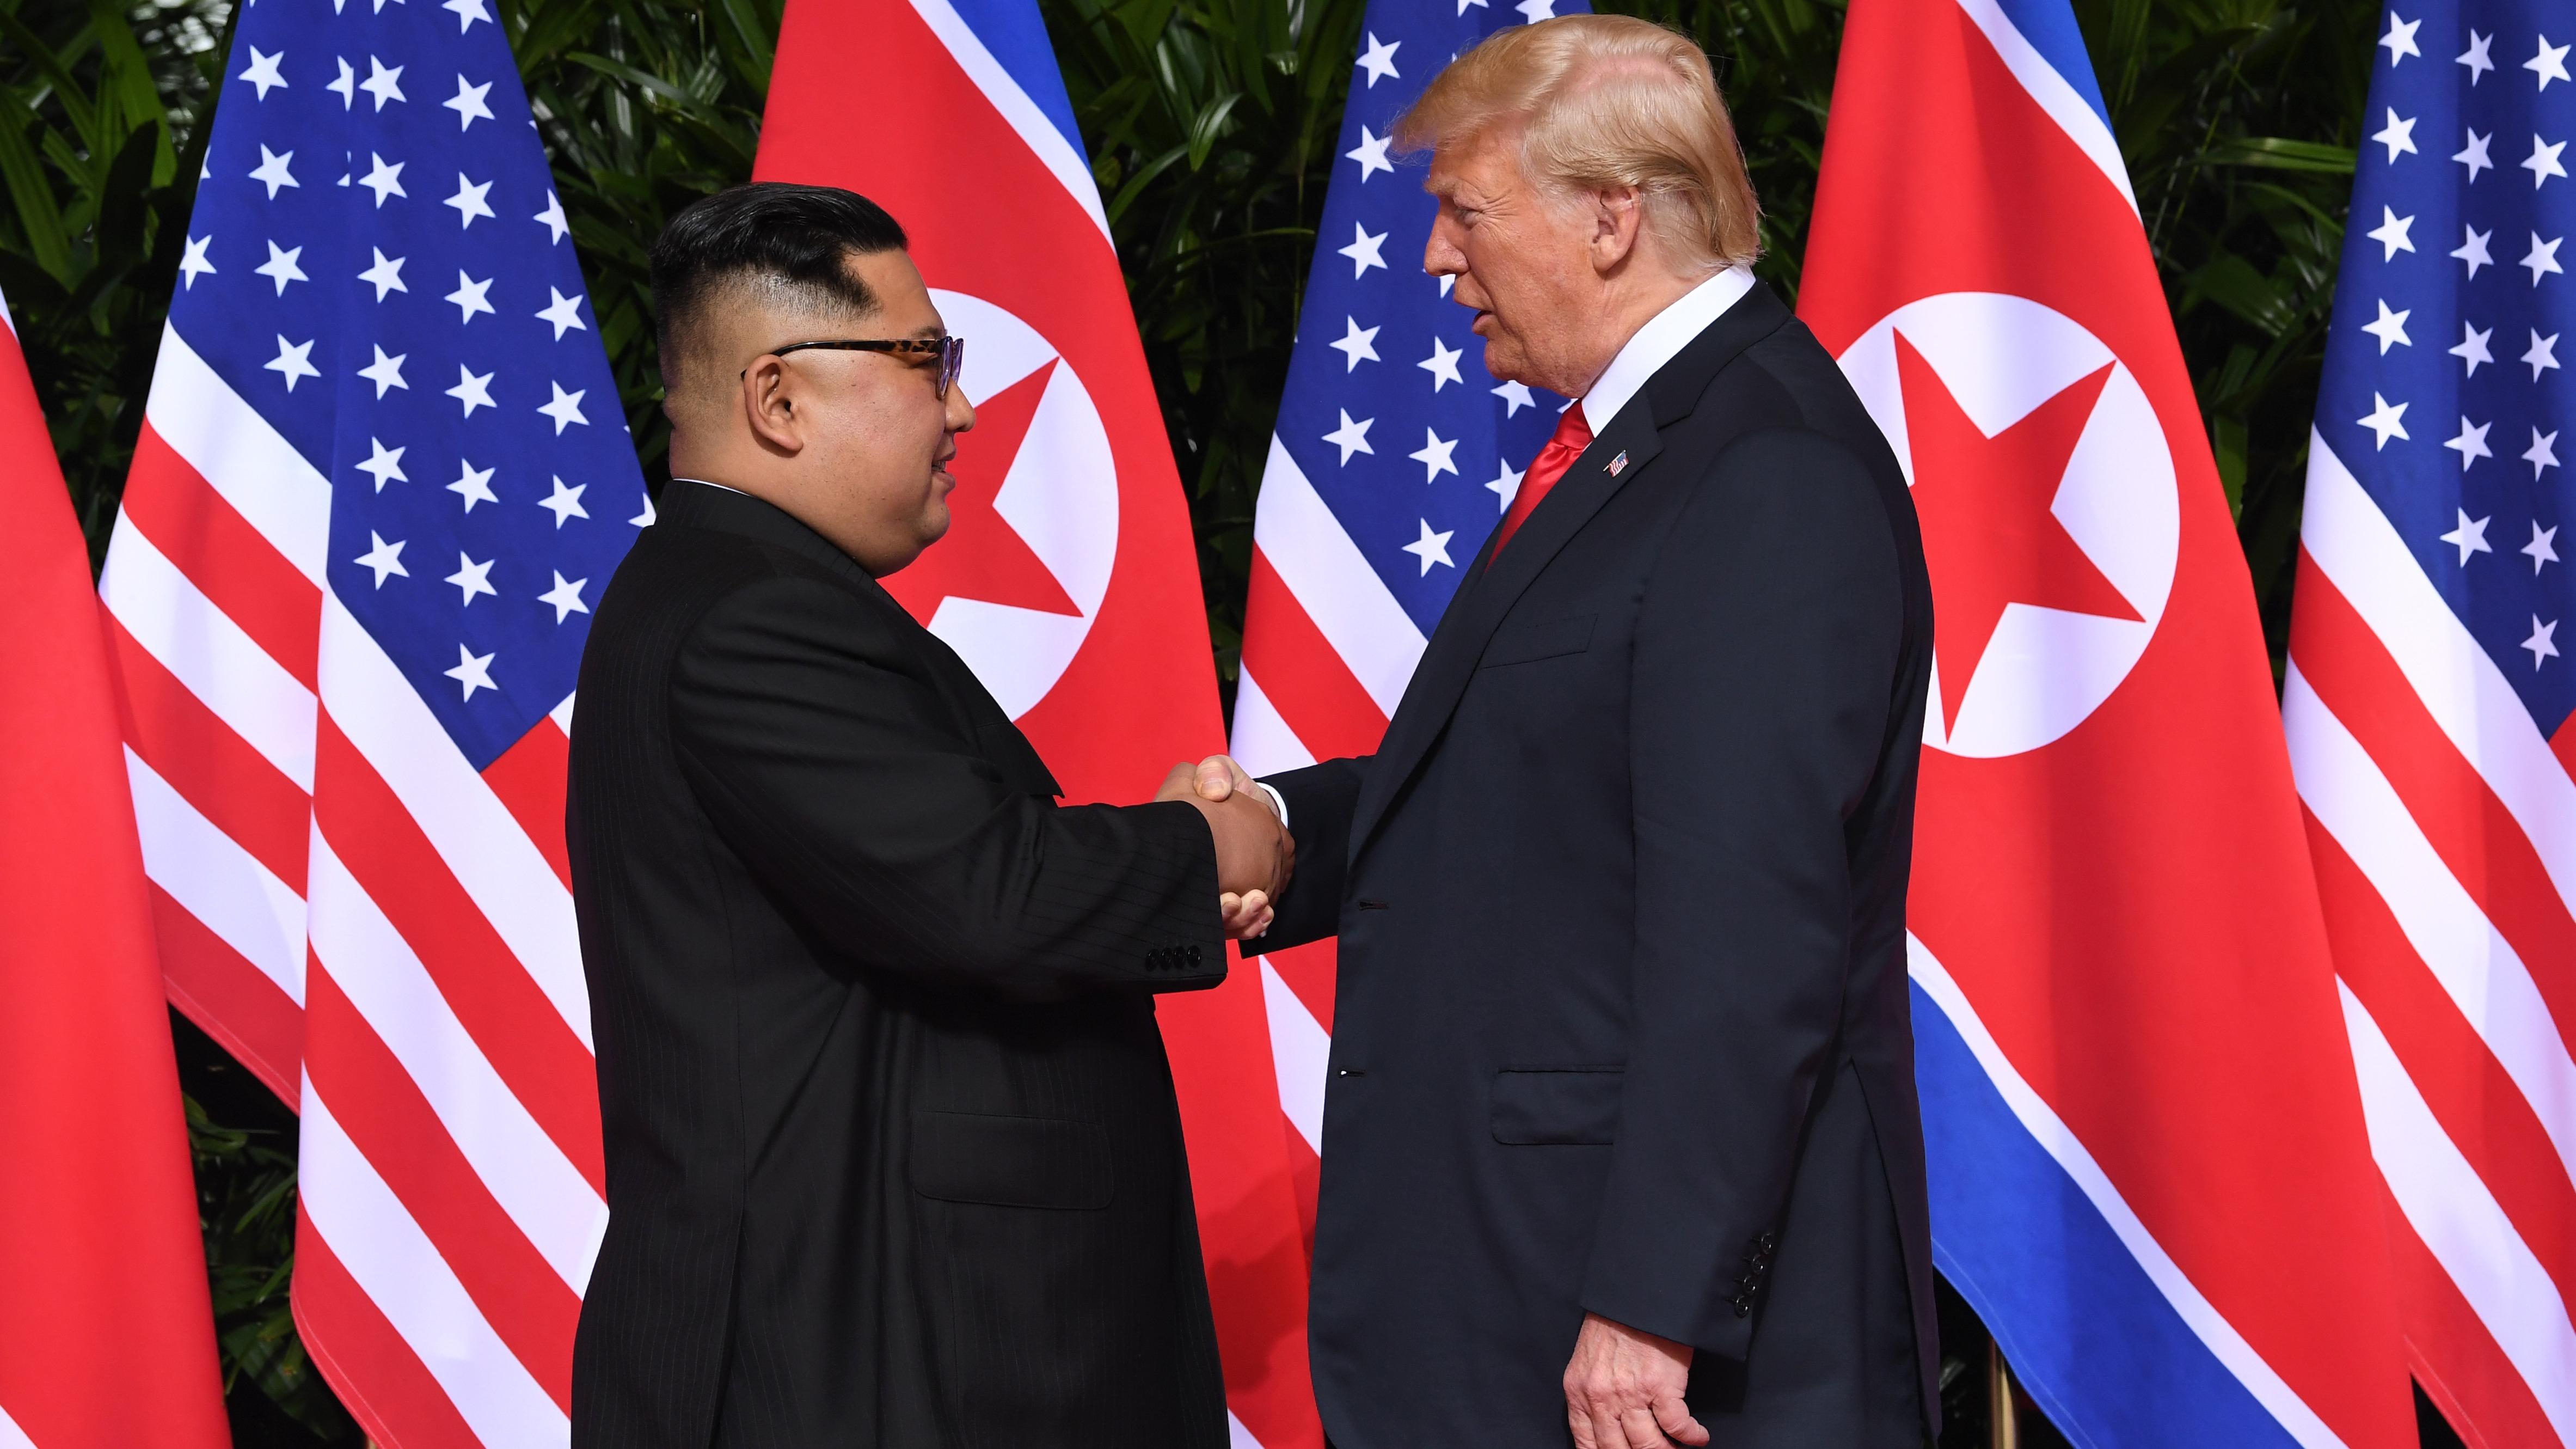 El histórico apretón de manos entre Trump y Kim.